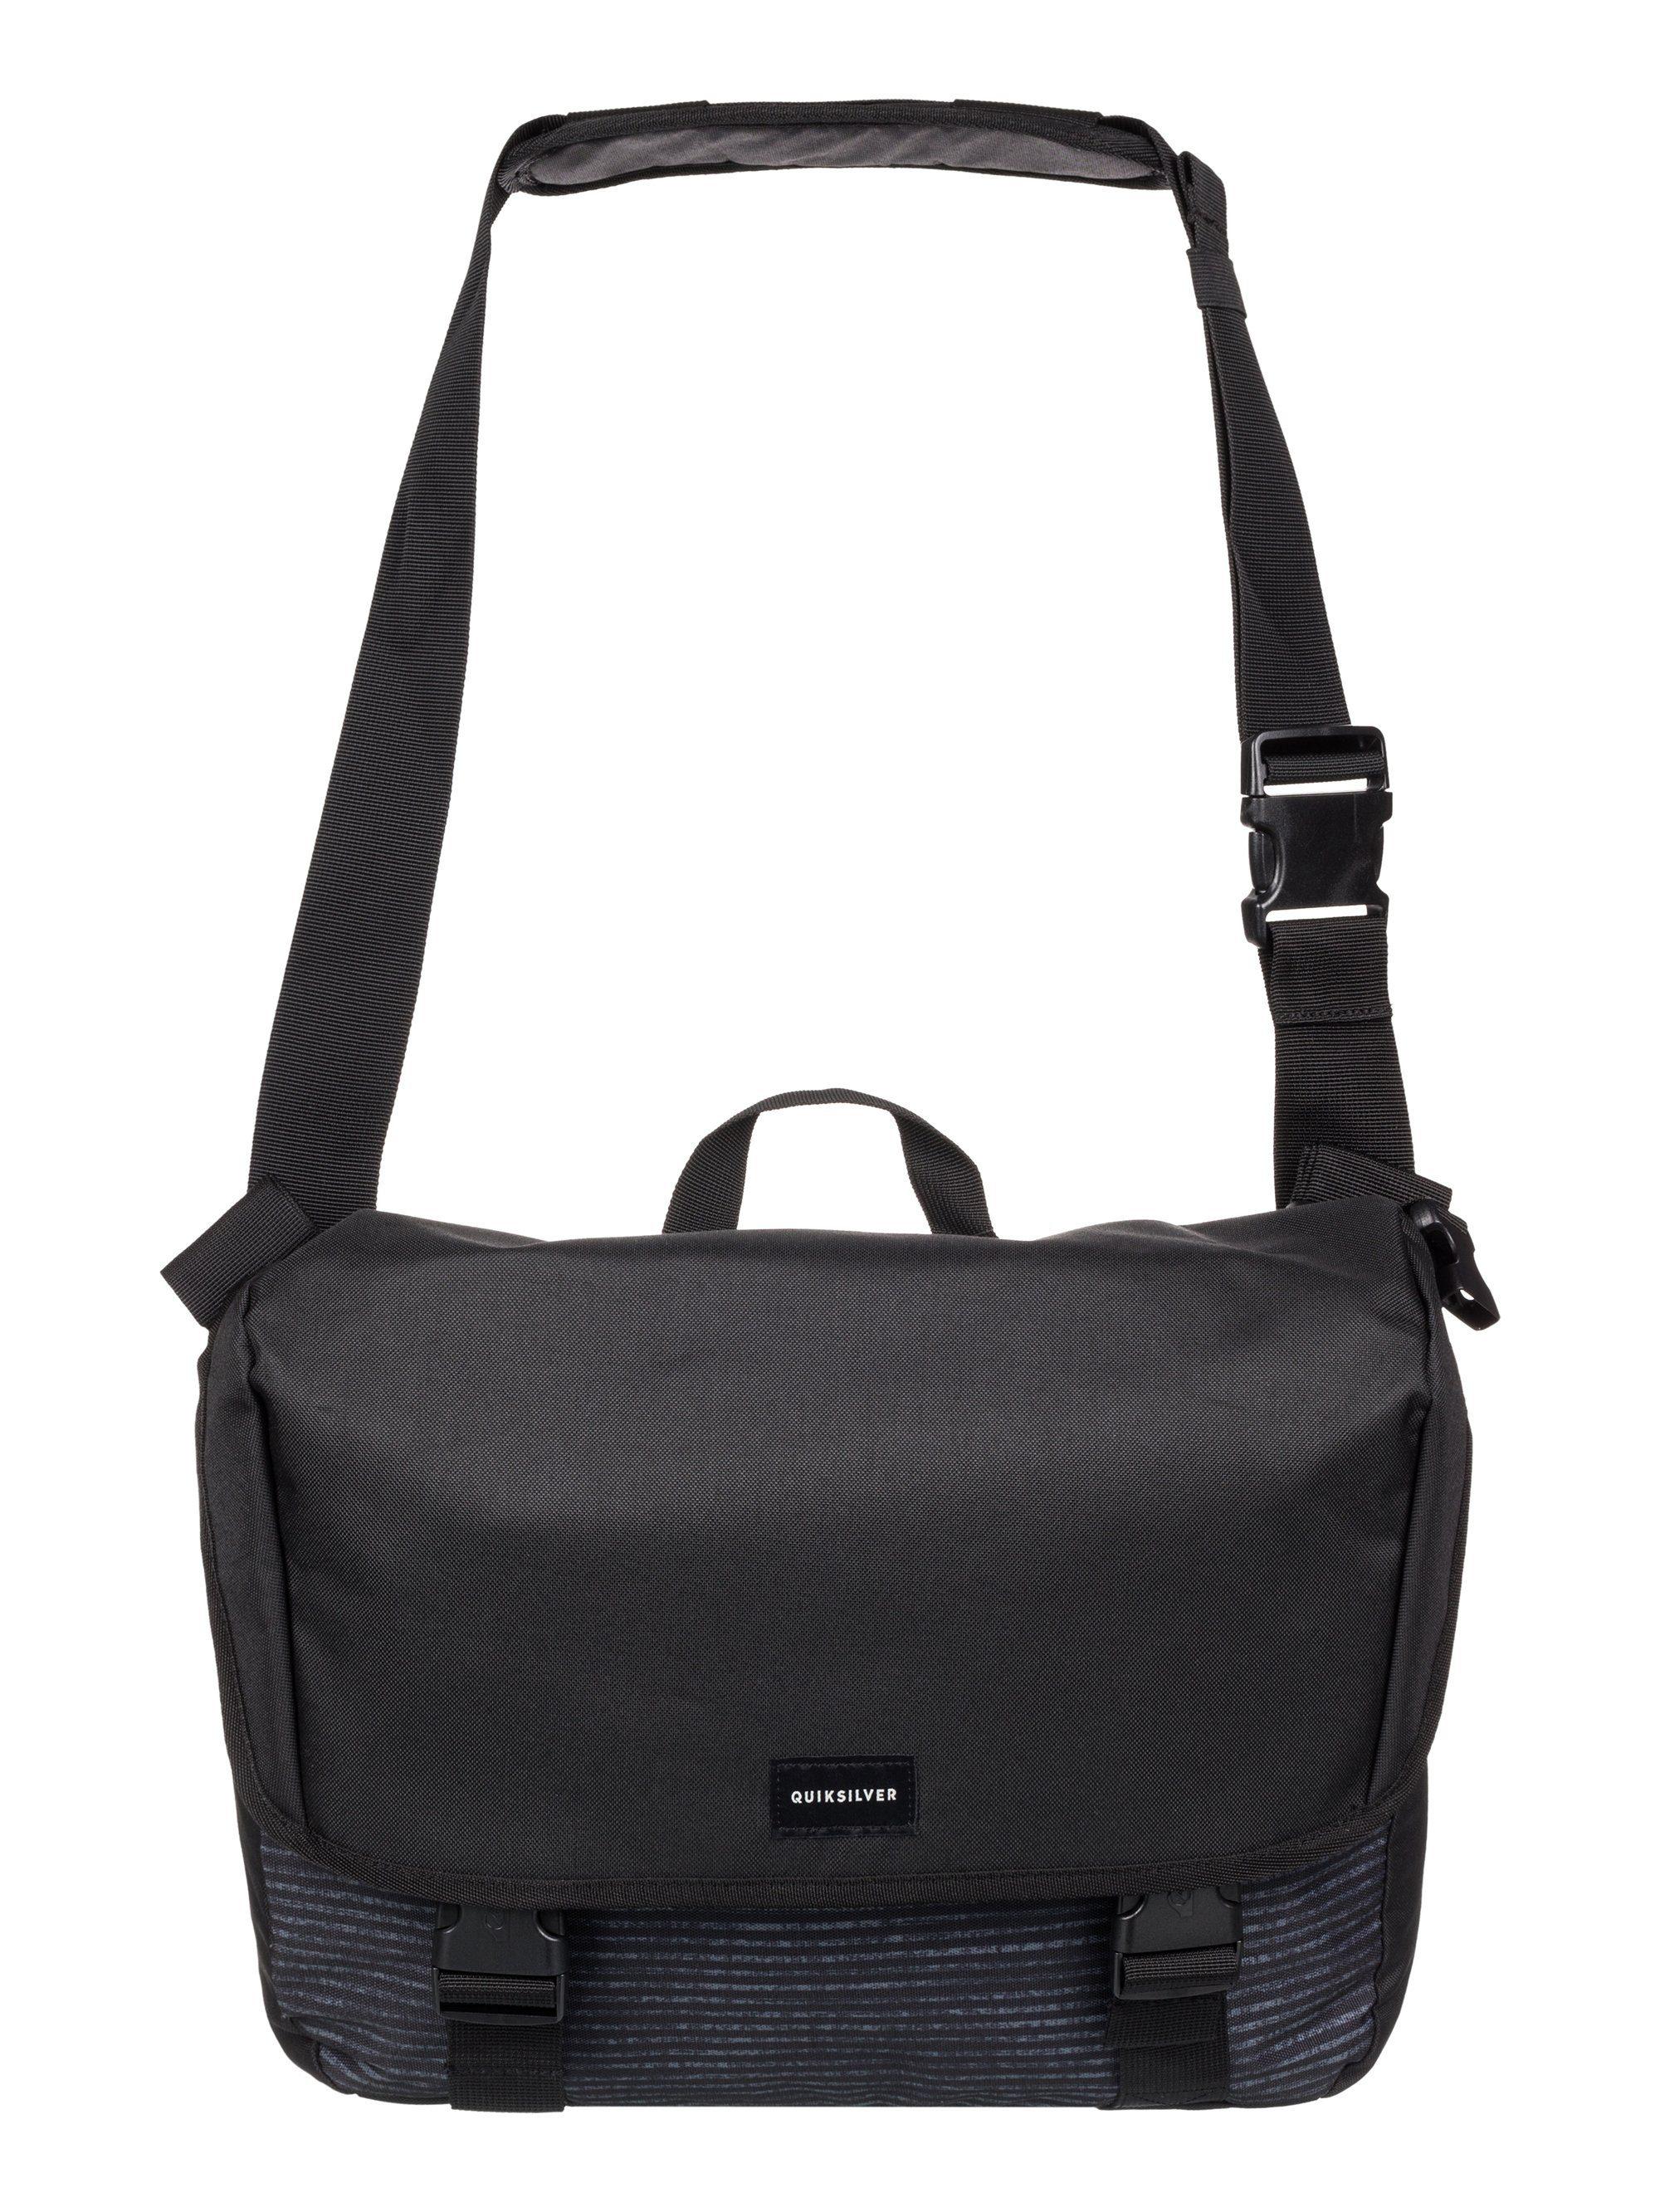 Quiksilver Messenger Bag »Carrier«